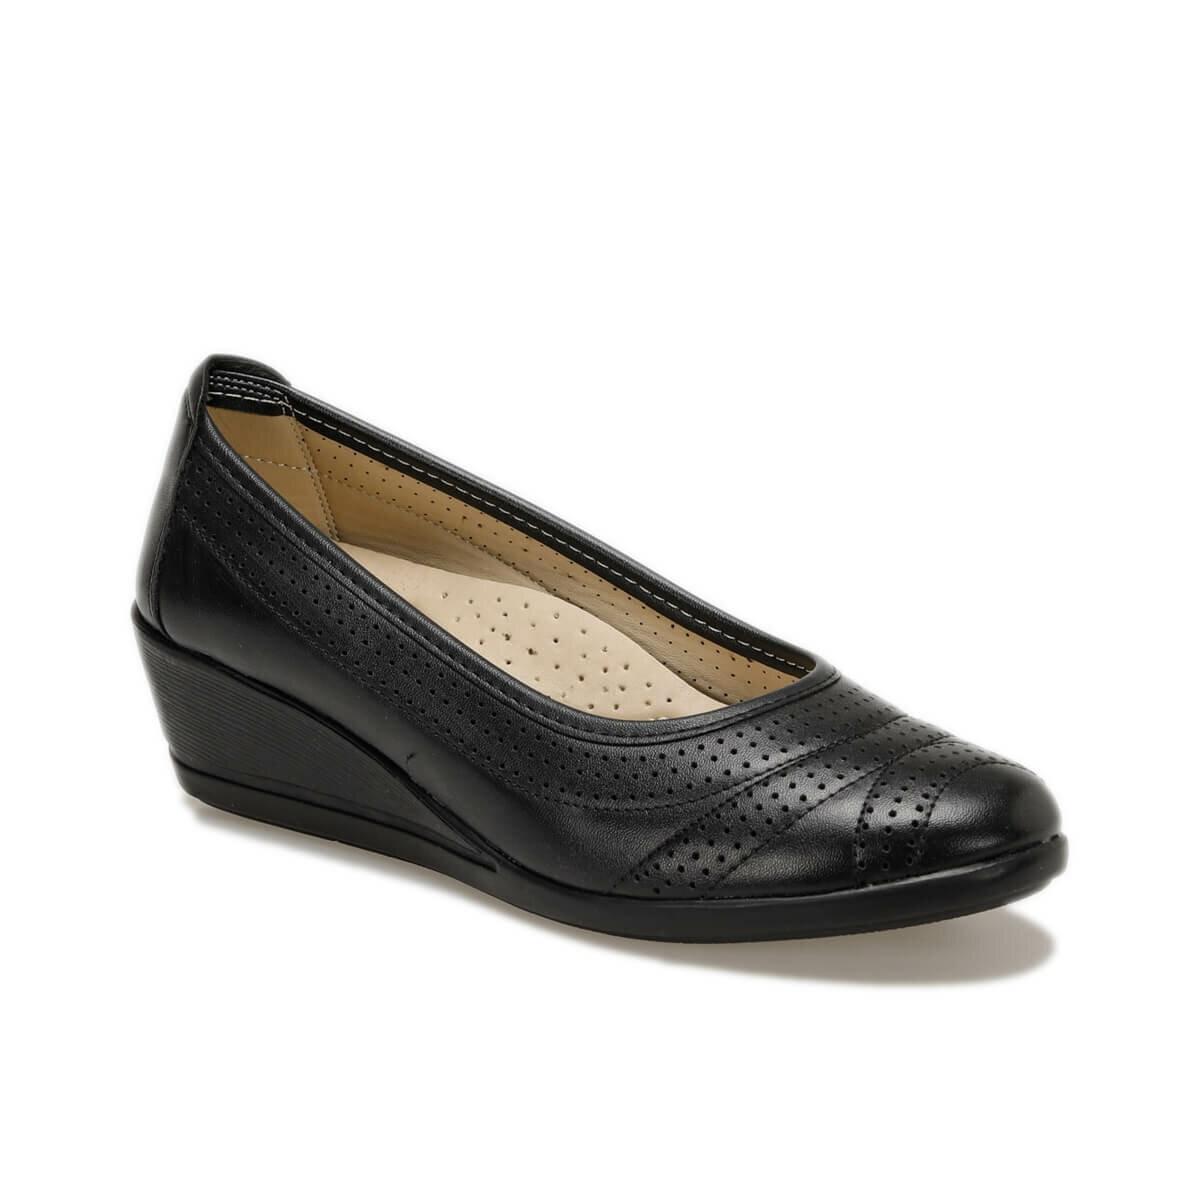 FLO 71. 157552.Z Black Women 'S Wedges Shoes Polaris